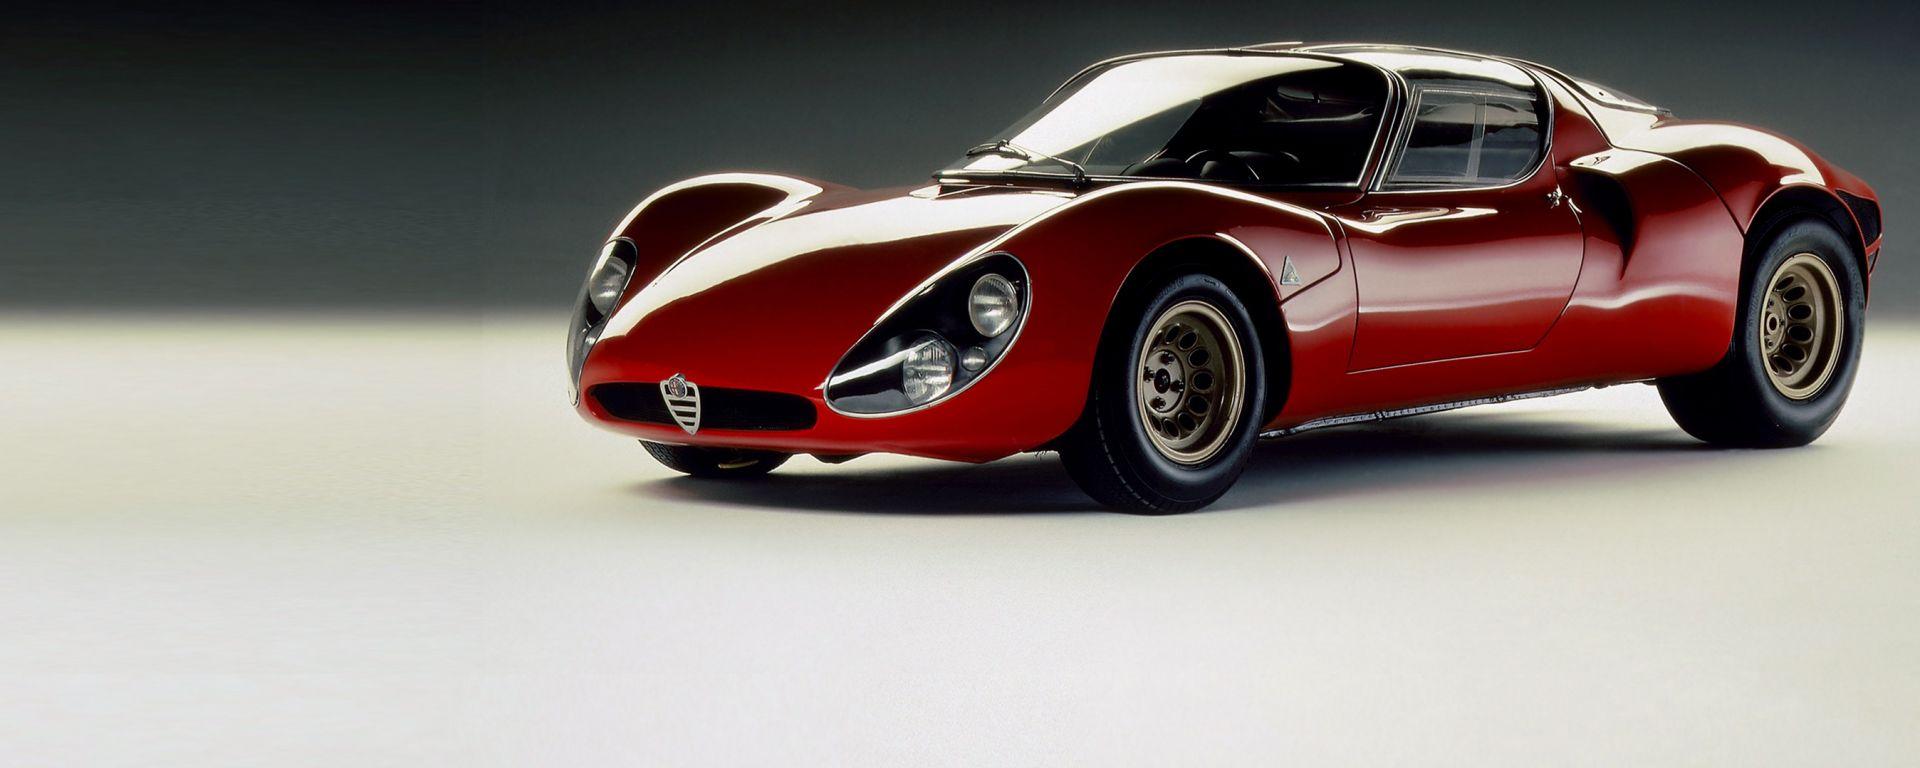 Alfa Romeo 33 Stradale: secondo alcuni, la più bella auto di sempre